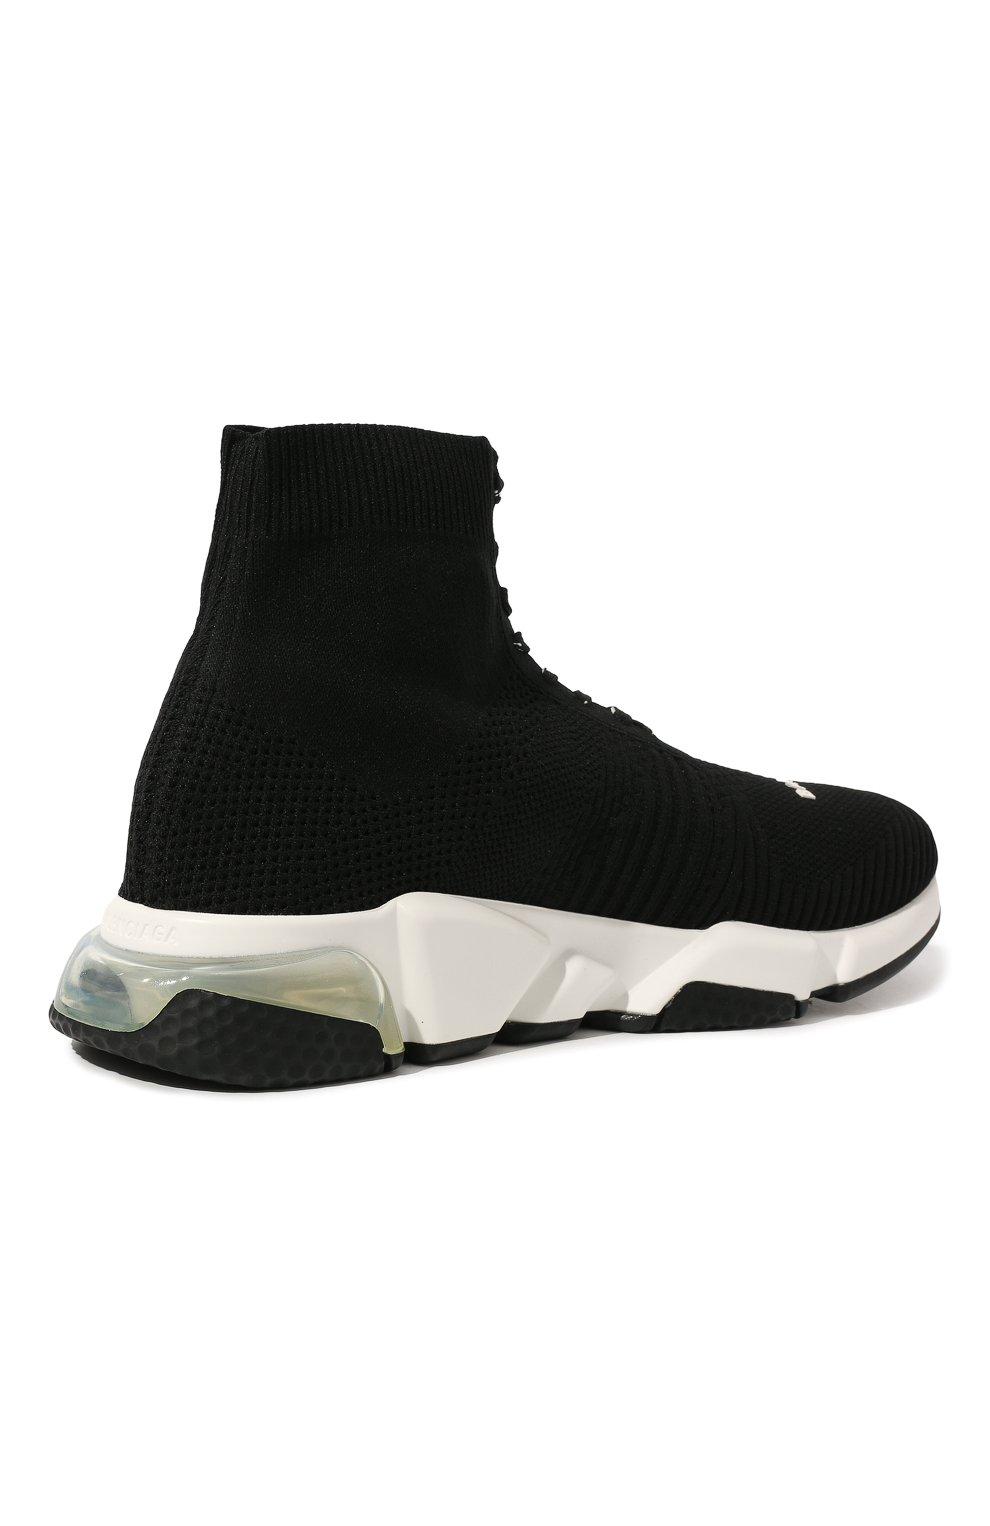 Мужские текстильные кроссовки speed clear sole BALENCIAGA черного цвета, арт. 617255/W05GG | Фото 5